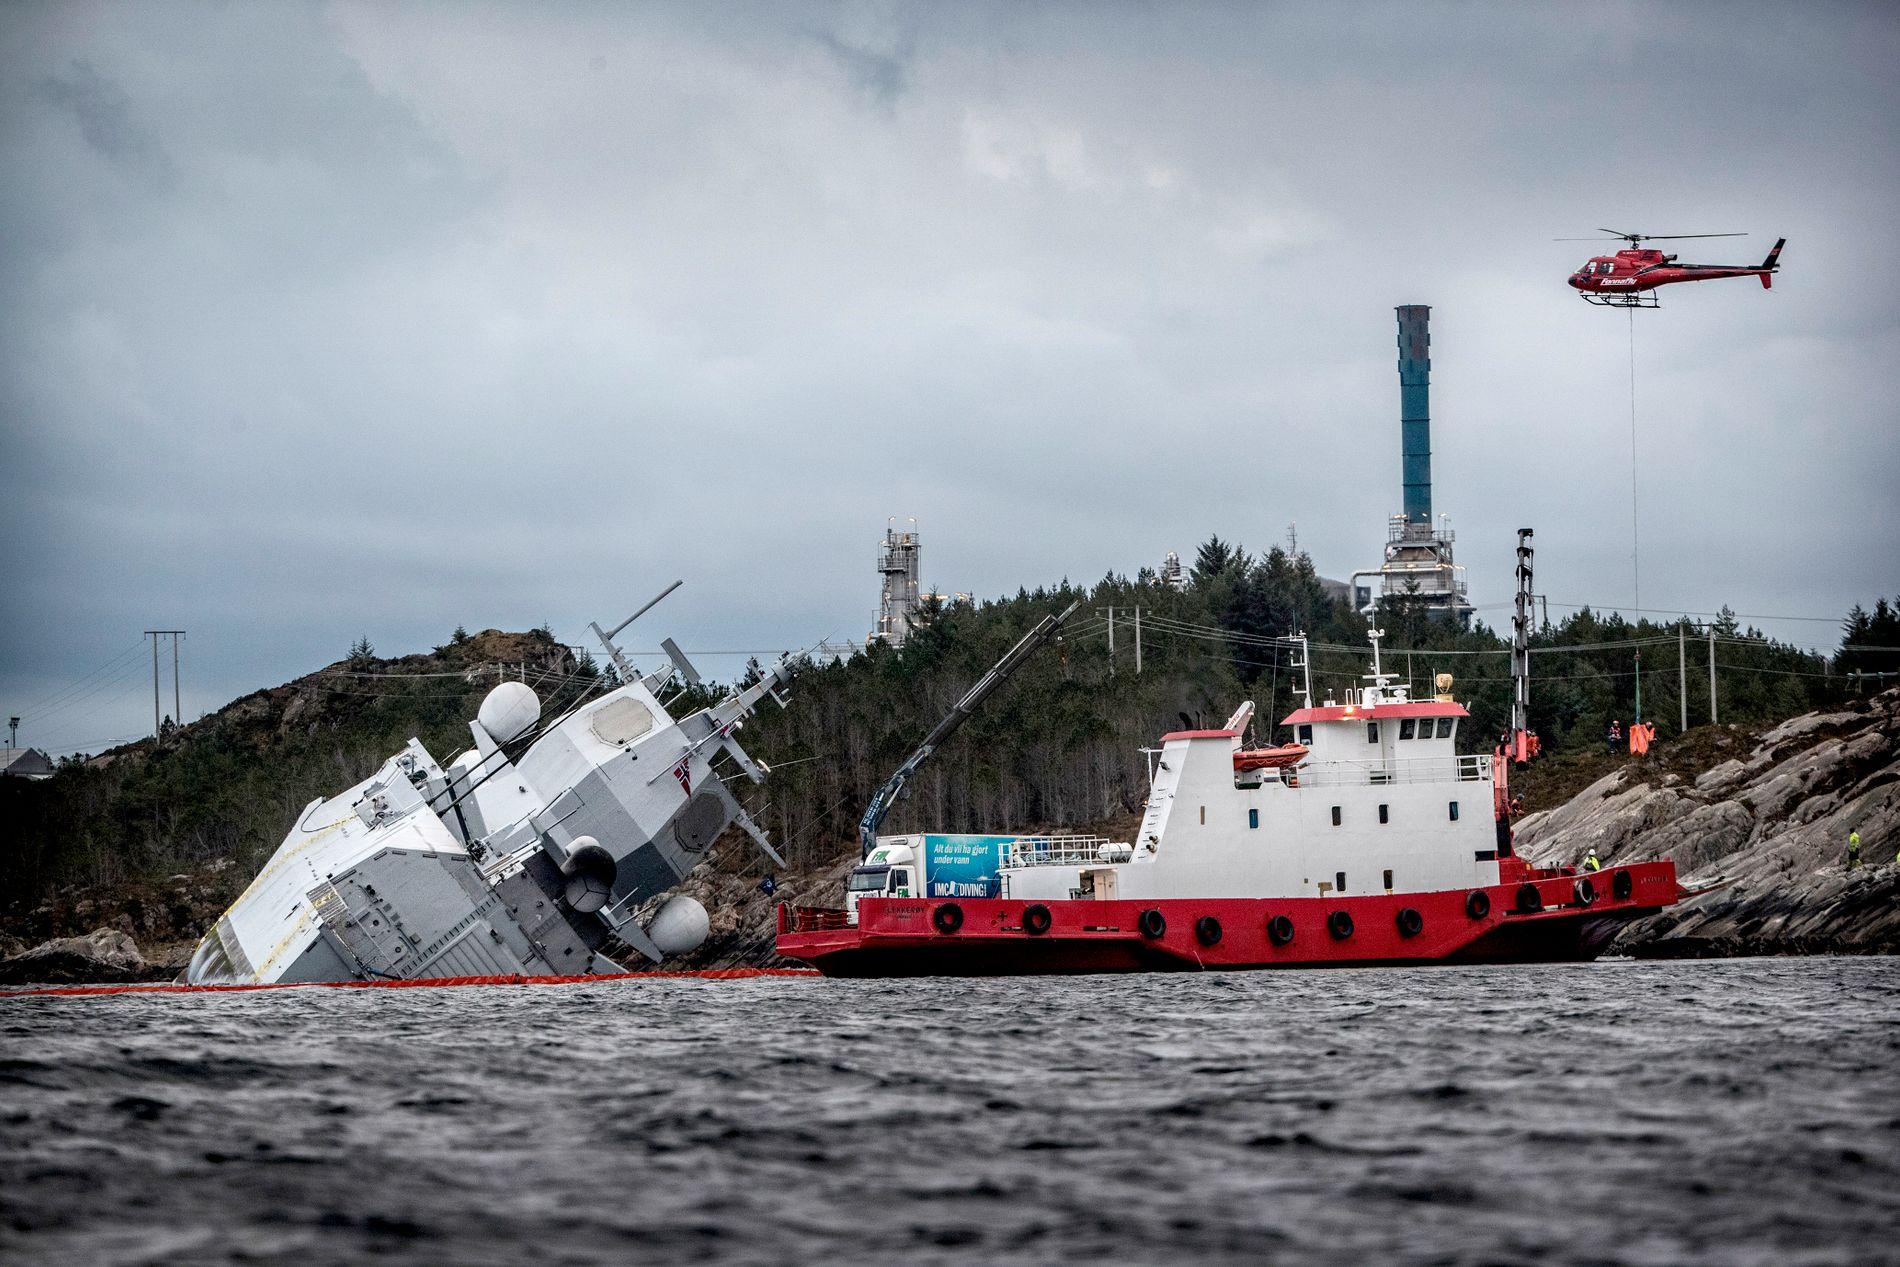 DRAMATISK: Redningsmannskapene jobber på spreng for å berge milliardfregatten KNM «Helge Ingstad», etter at skipet kolliderte med tankskipet TS «Sola» utenfor Stureterminalen i Hjeltefjorden i firetiden natt til torsdag.